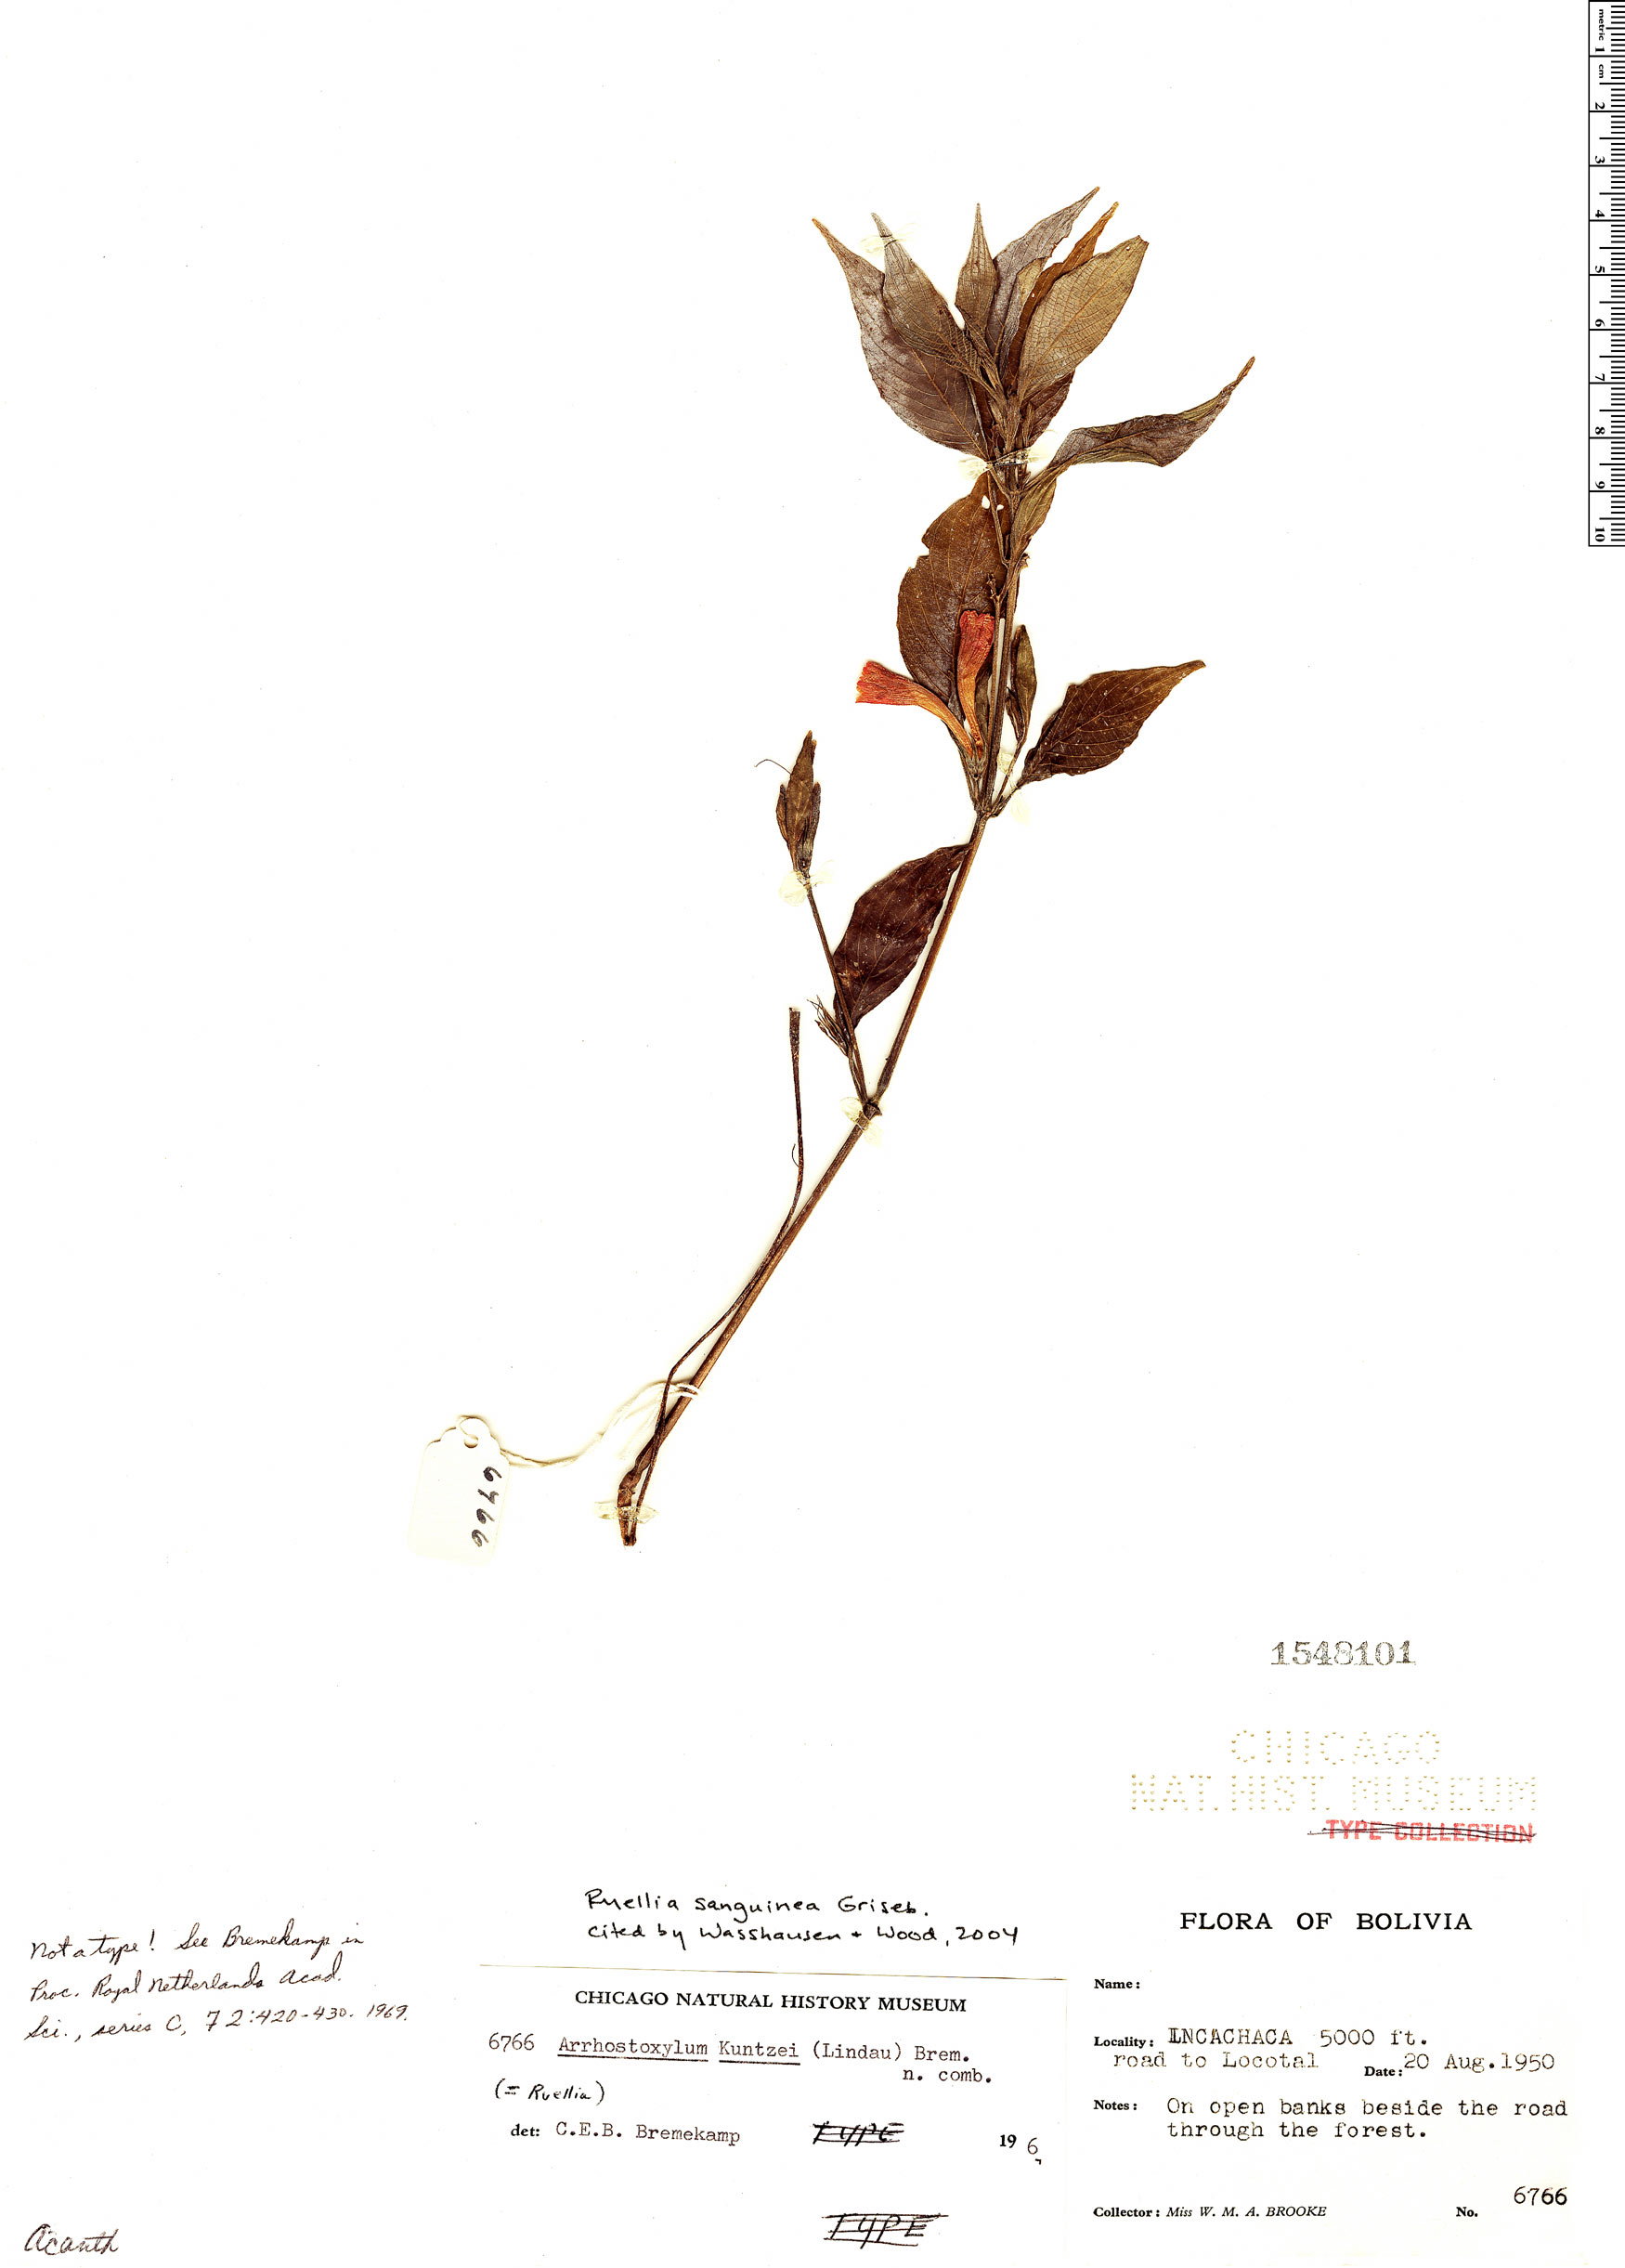 Specimen: Ruellia sanguinea